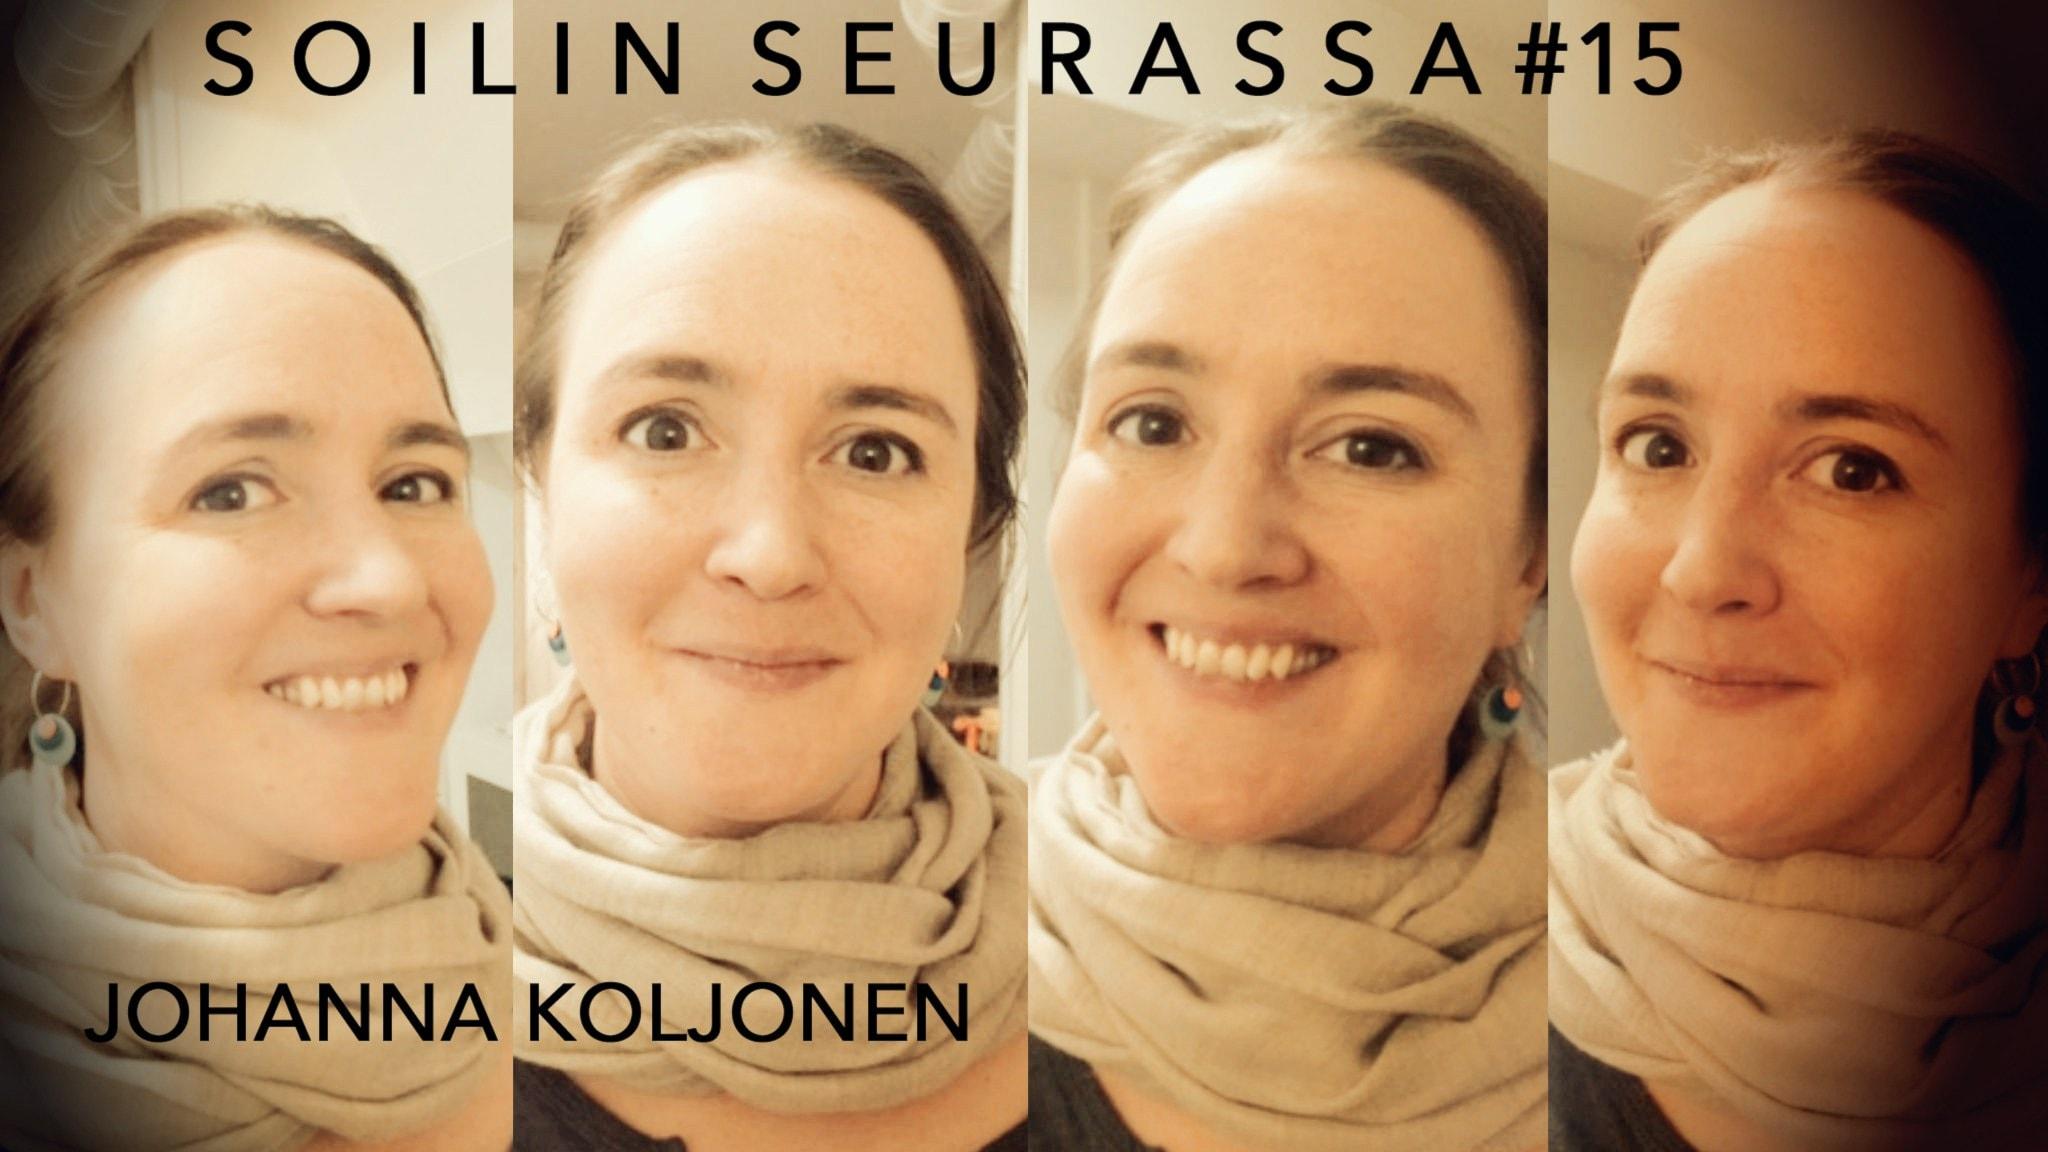 Soilin seurassa Johanna Koljonen - kirjailija, kriitikko, suomentaja ja radiotoimittaja